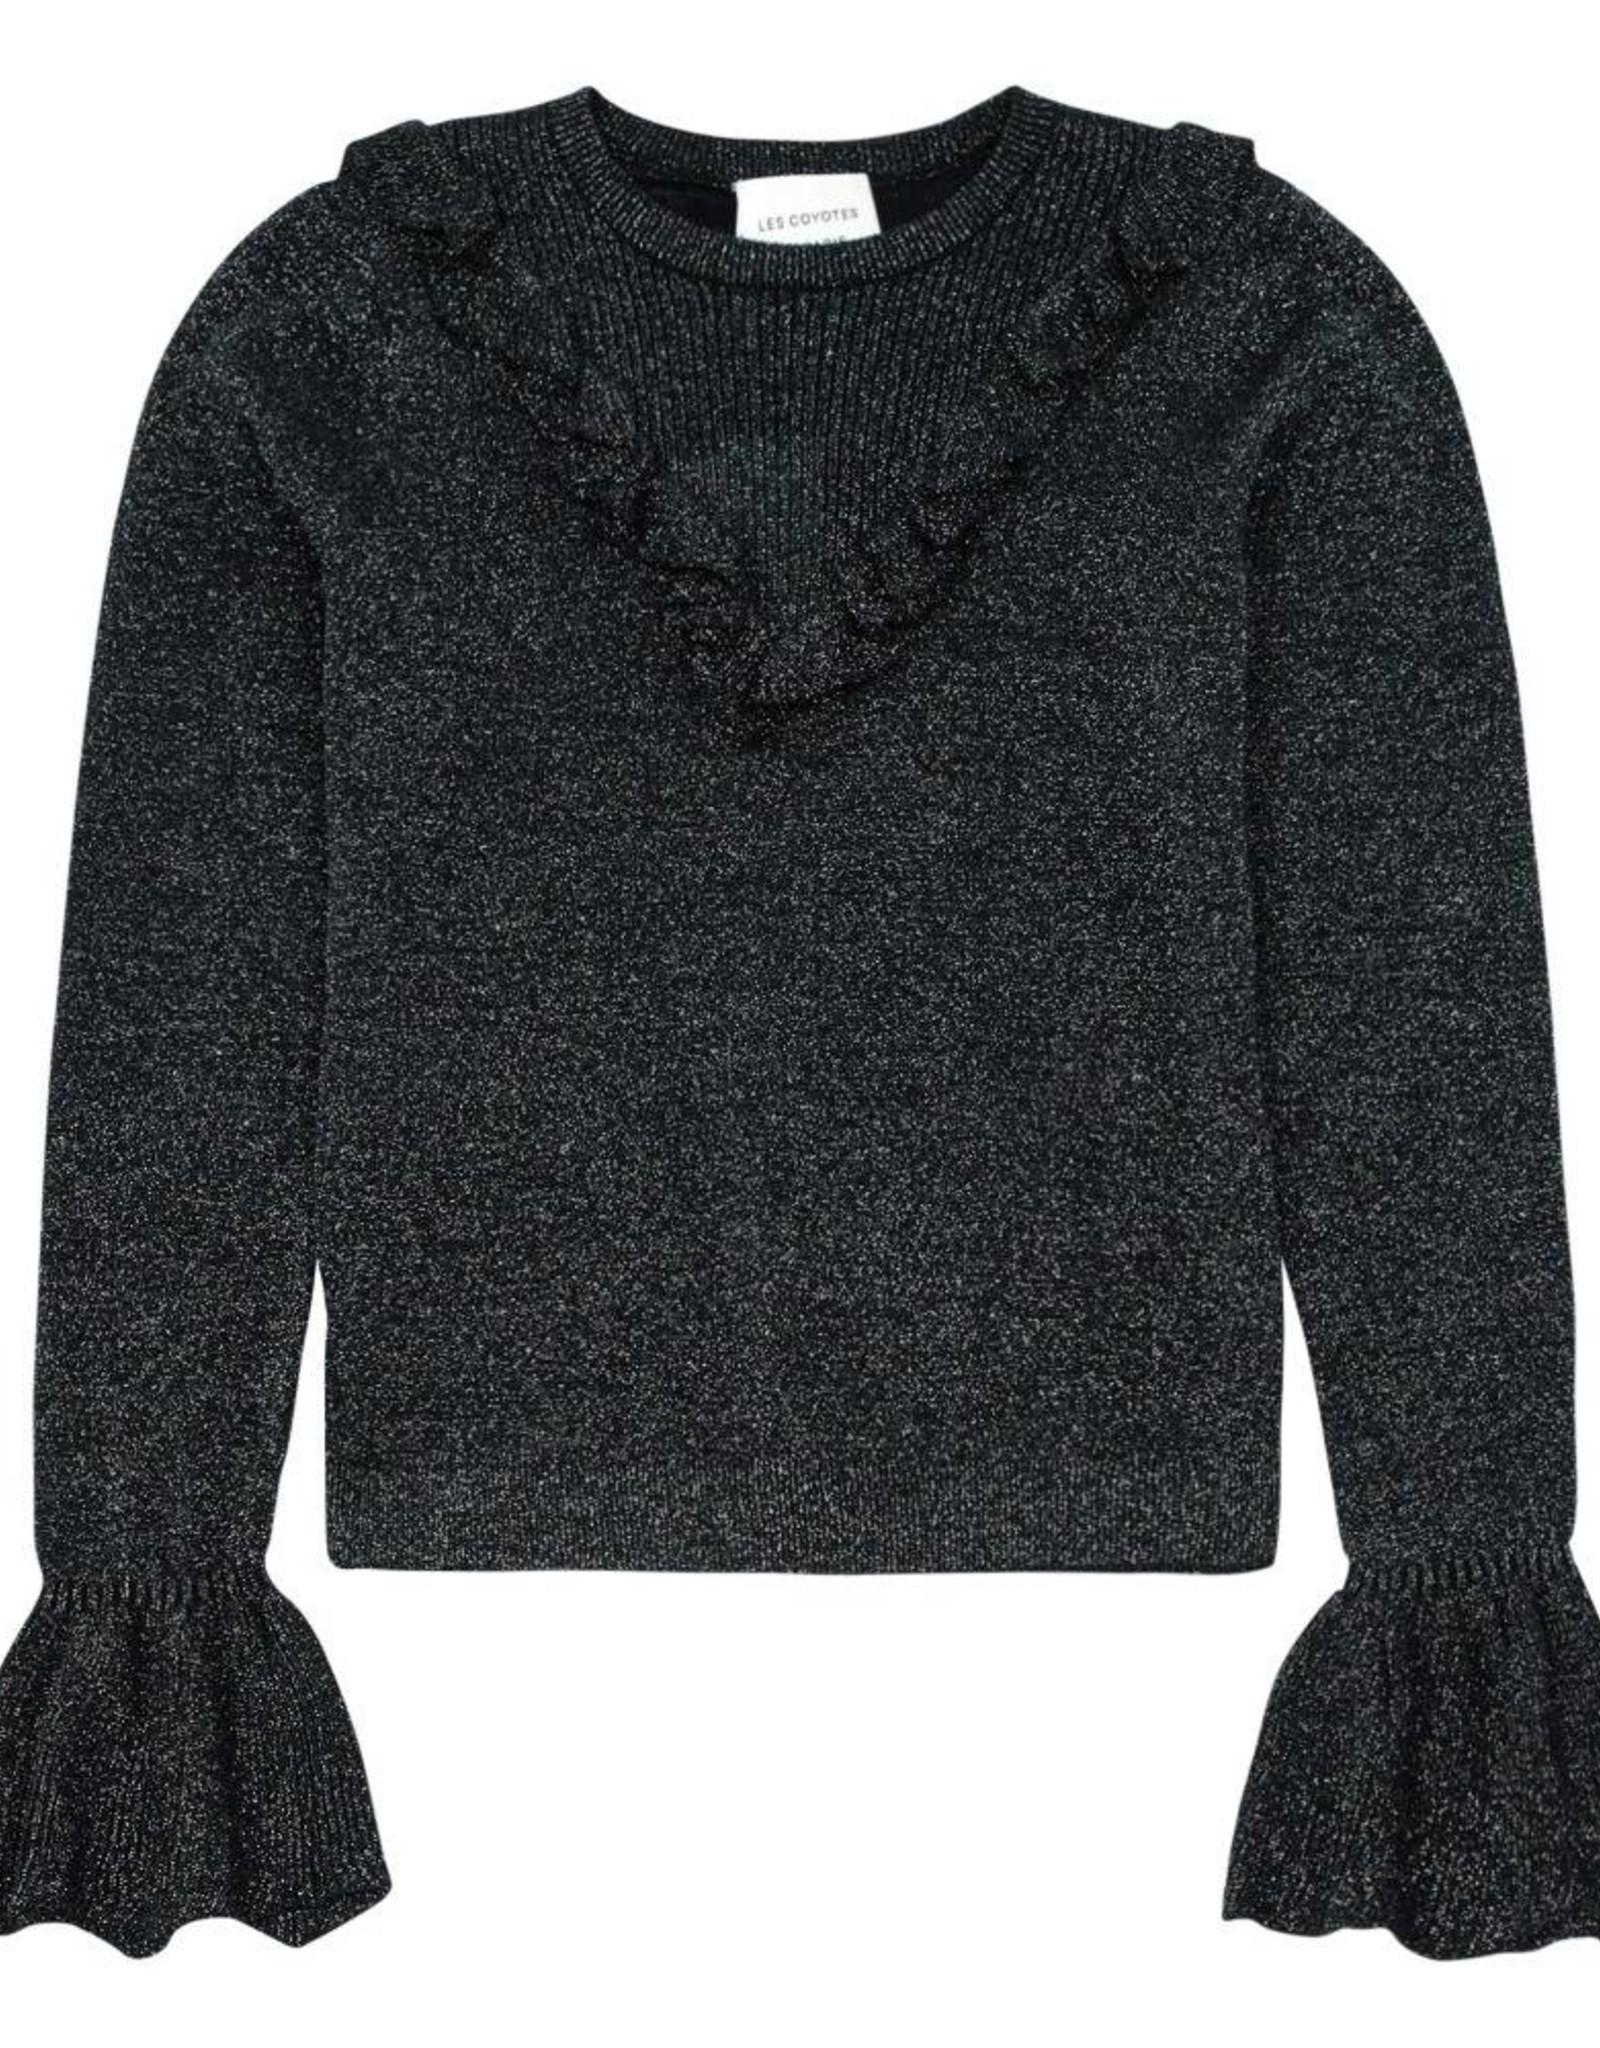 Belle sweater